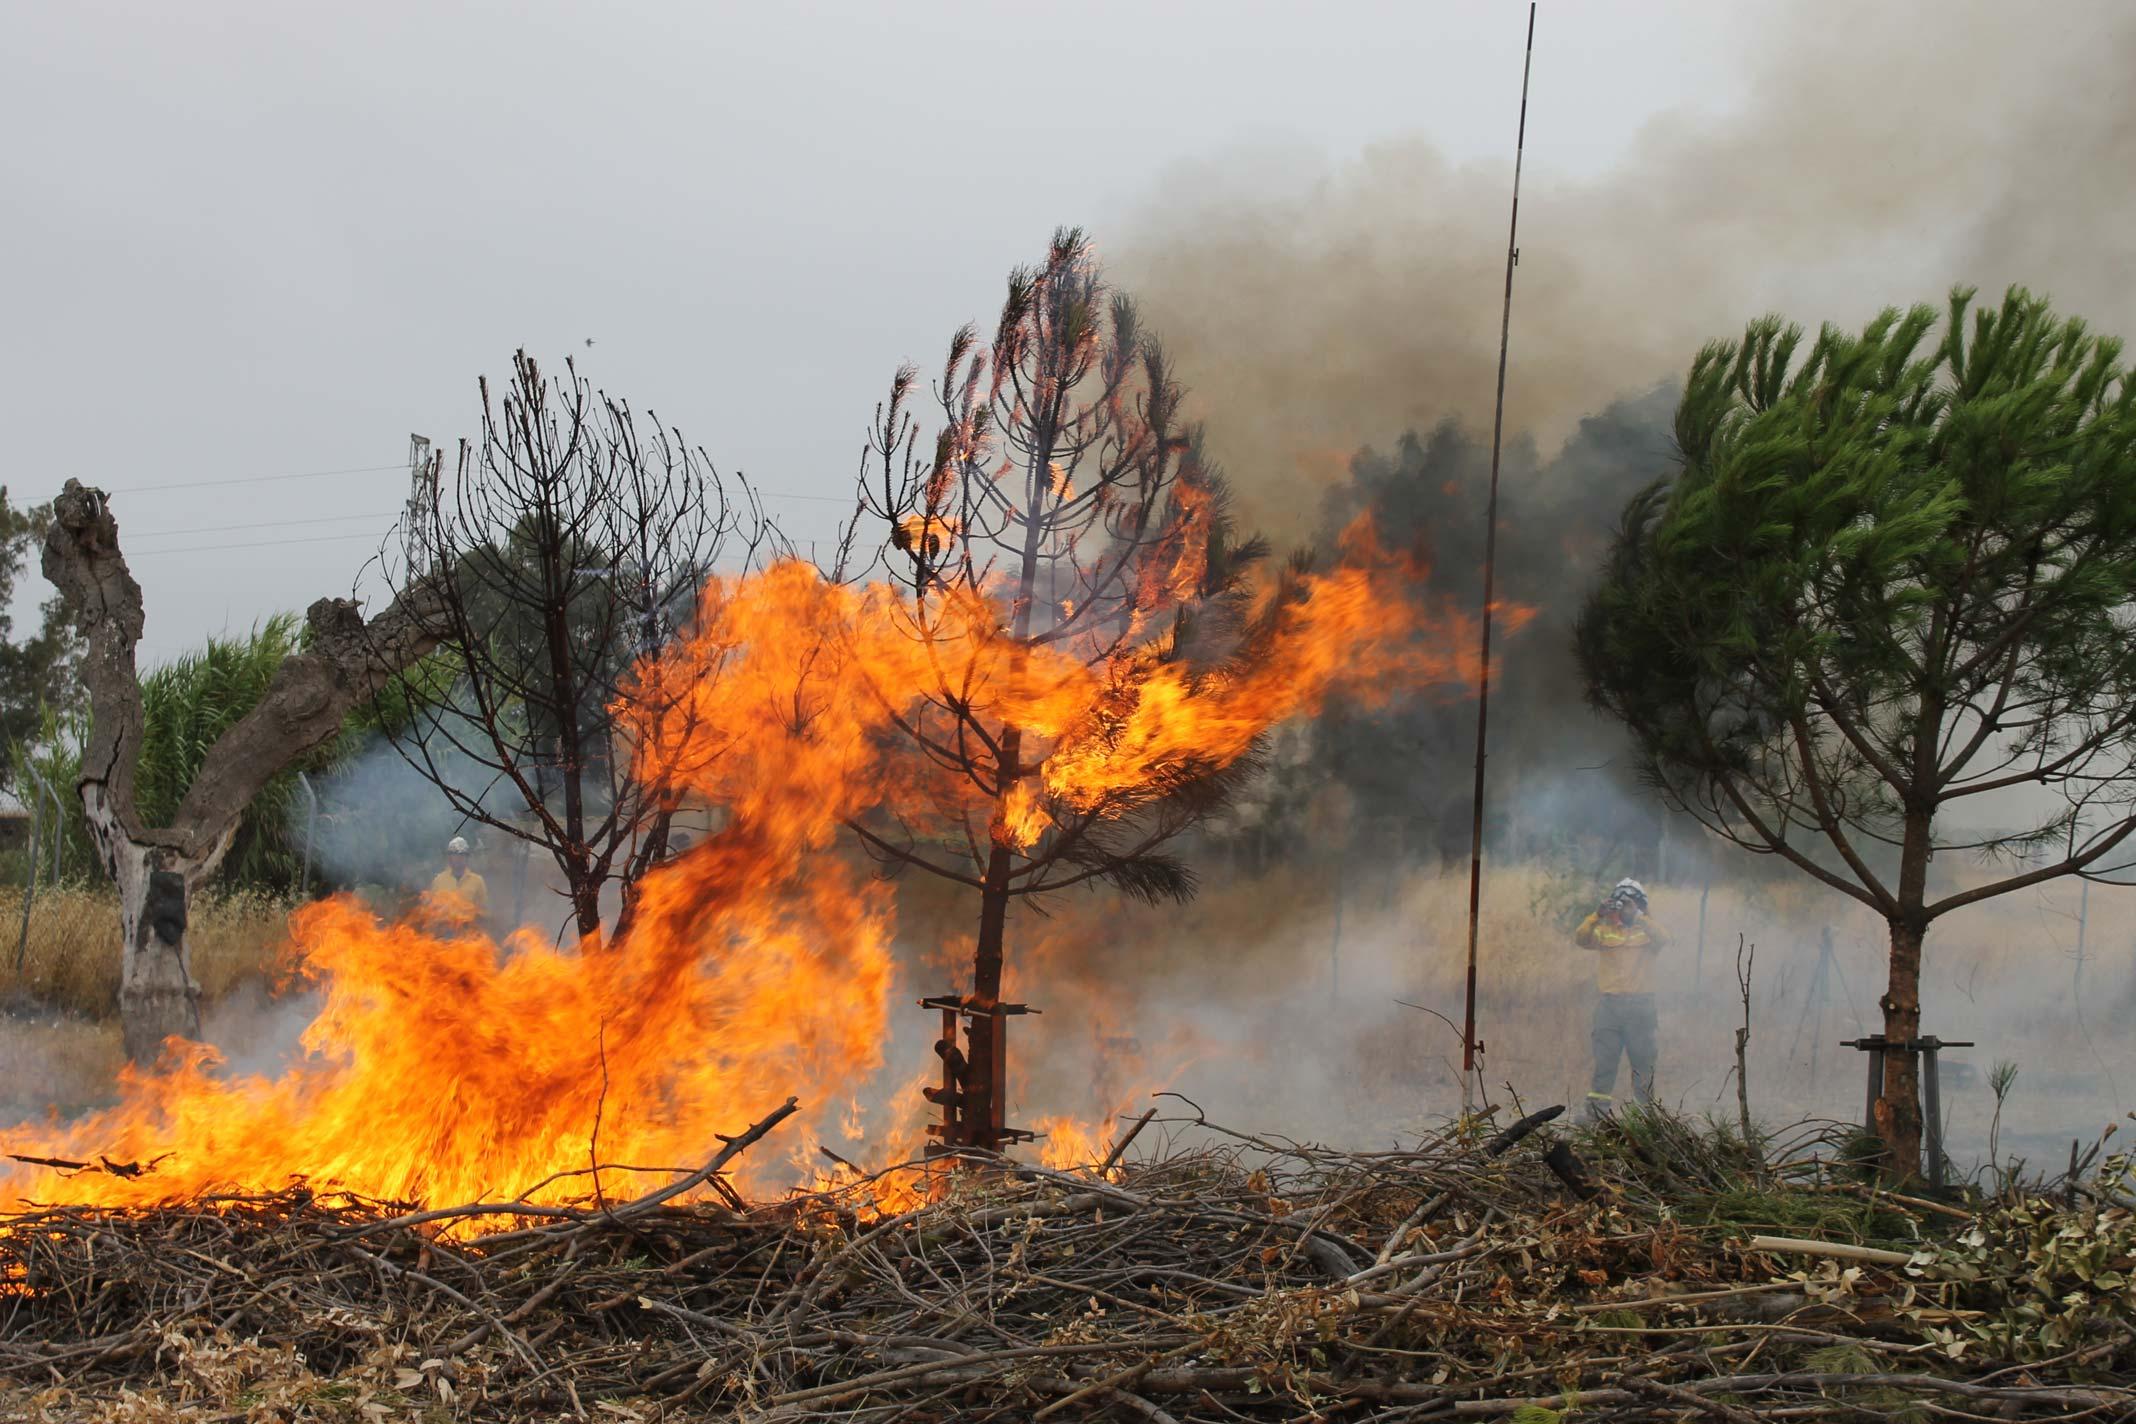 Foto1: Medición de la energía convectiva y radiante en la propagación del fuego.